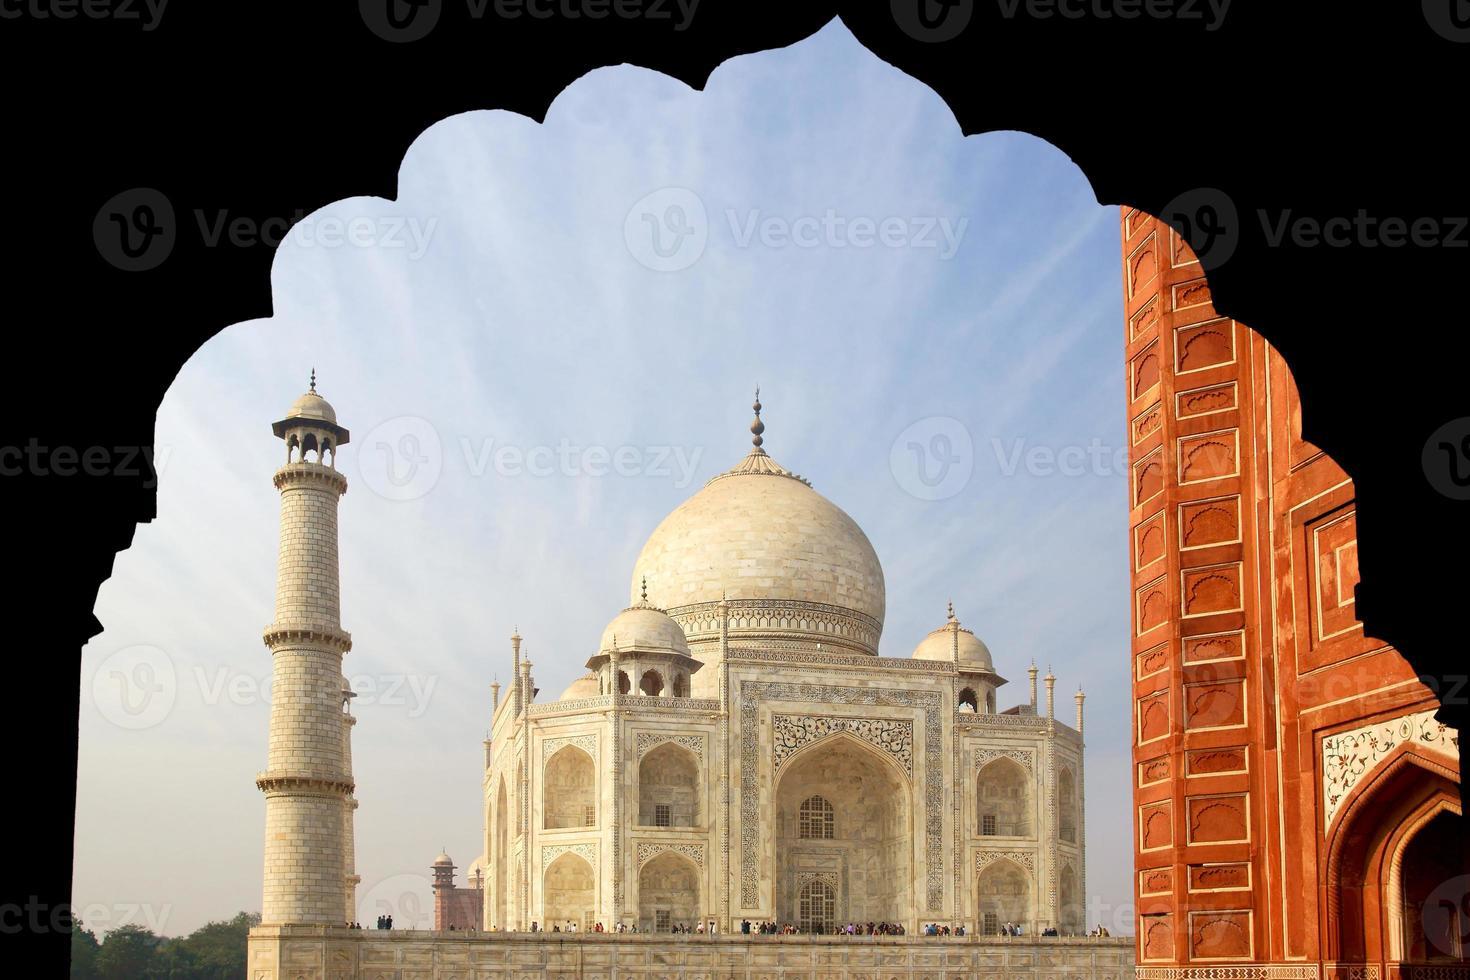 das Taj Mahal Mausoleum aus weißem Marmor. foto